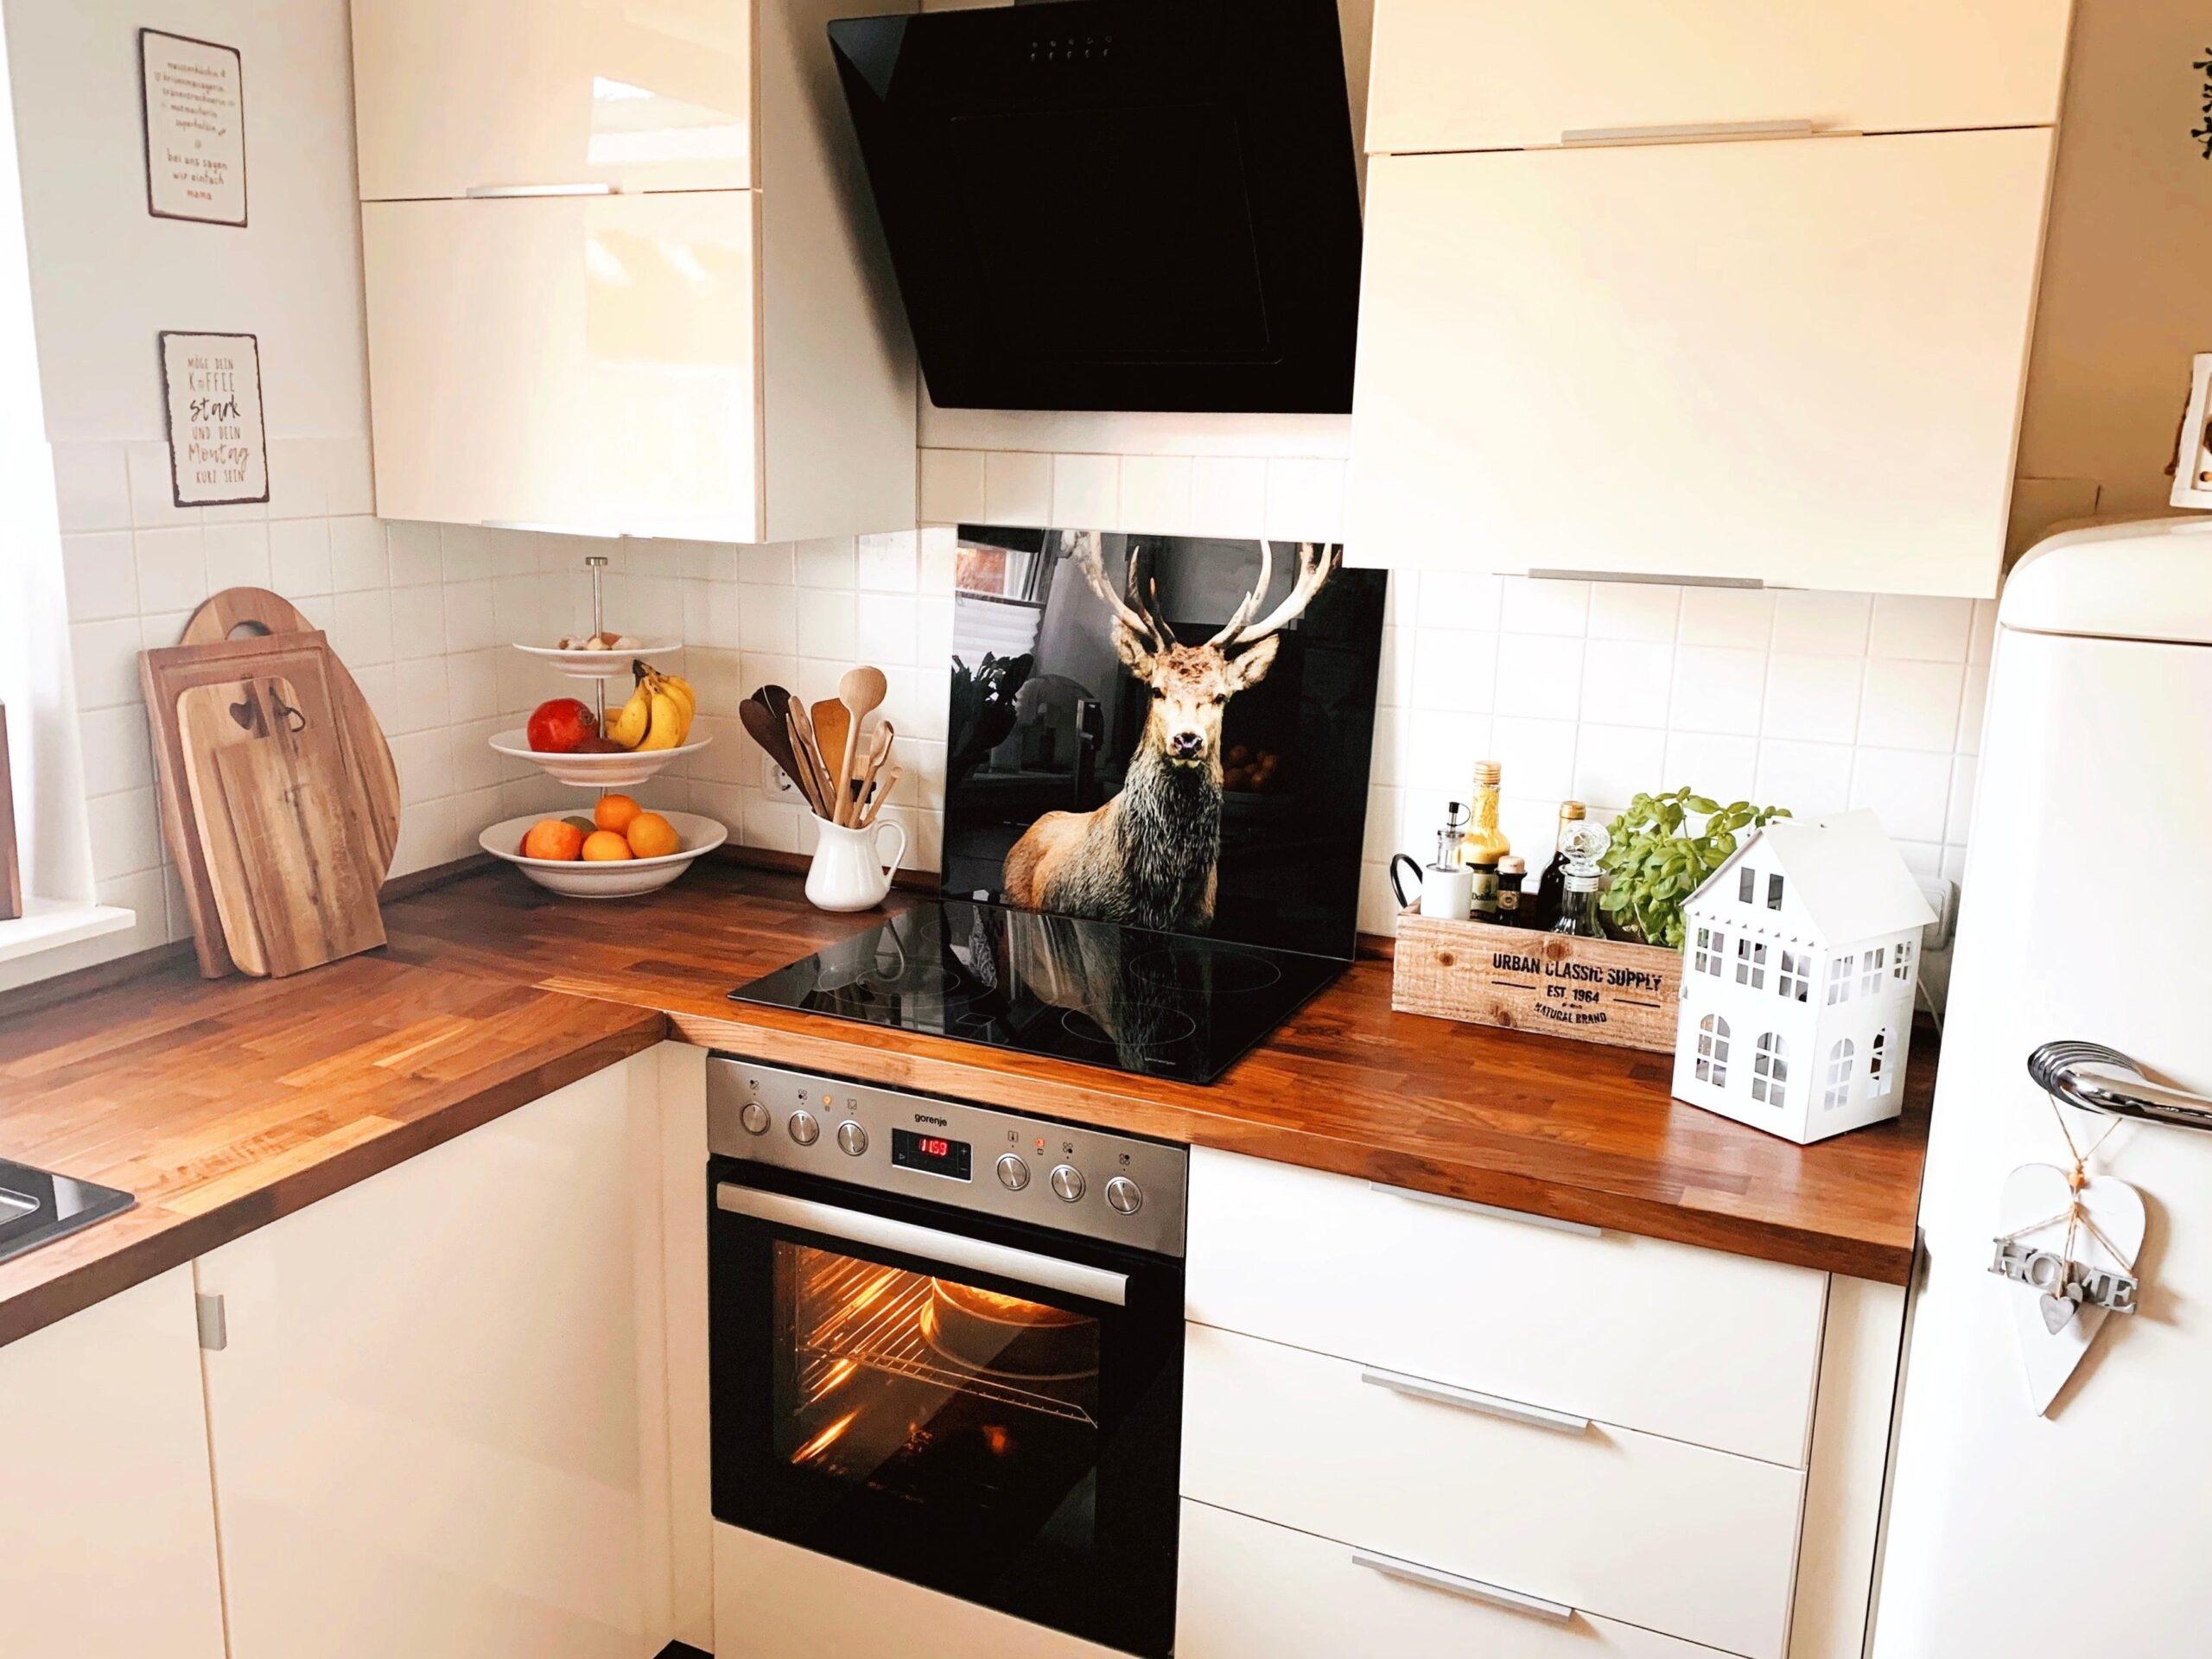 Full Size of Ein Bisschen Umgerumt In Der Kche Kcheninspo I Schwingtür Küche Ikea Kosten Miniküche Mit Kühlschrank Bartisch Kaufen Tipps Laminat Wandtattoo Nolte Wohnzimmer Küche Deko Ikea